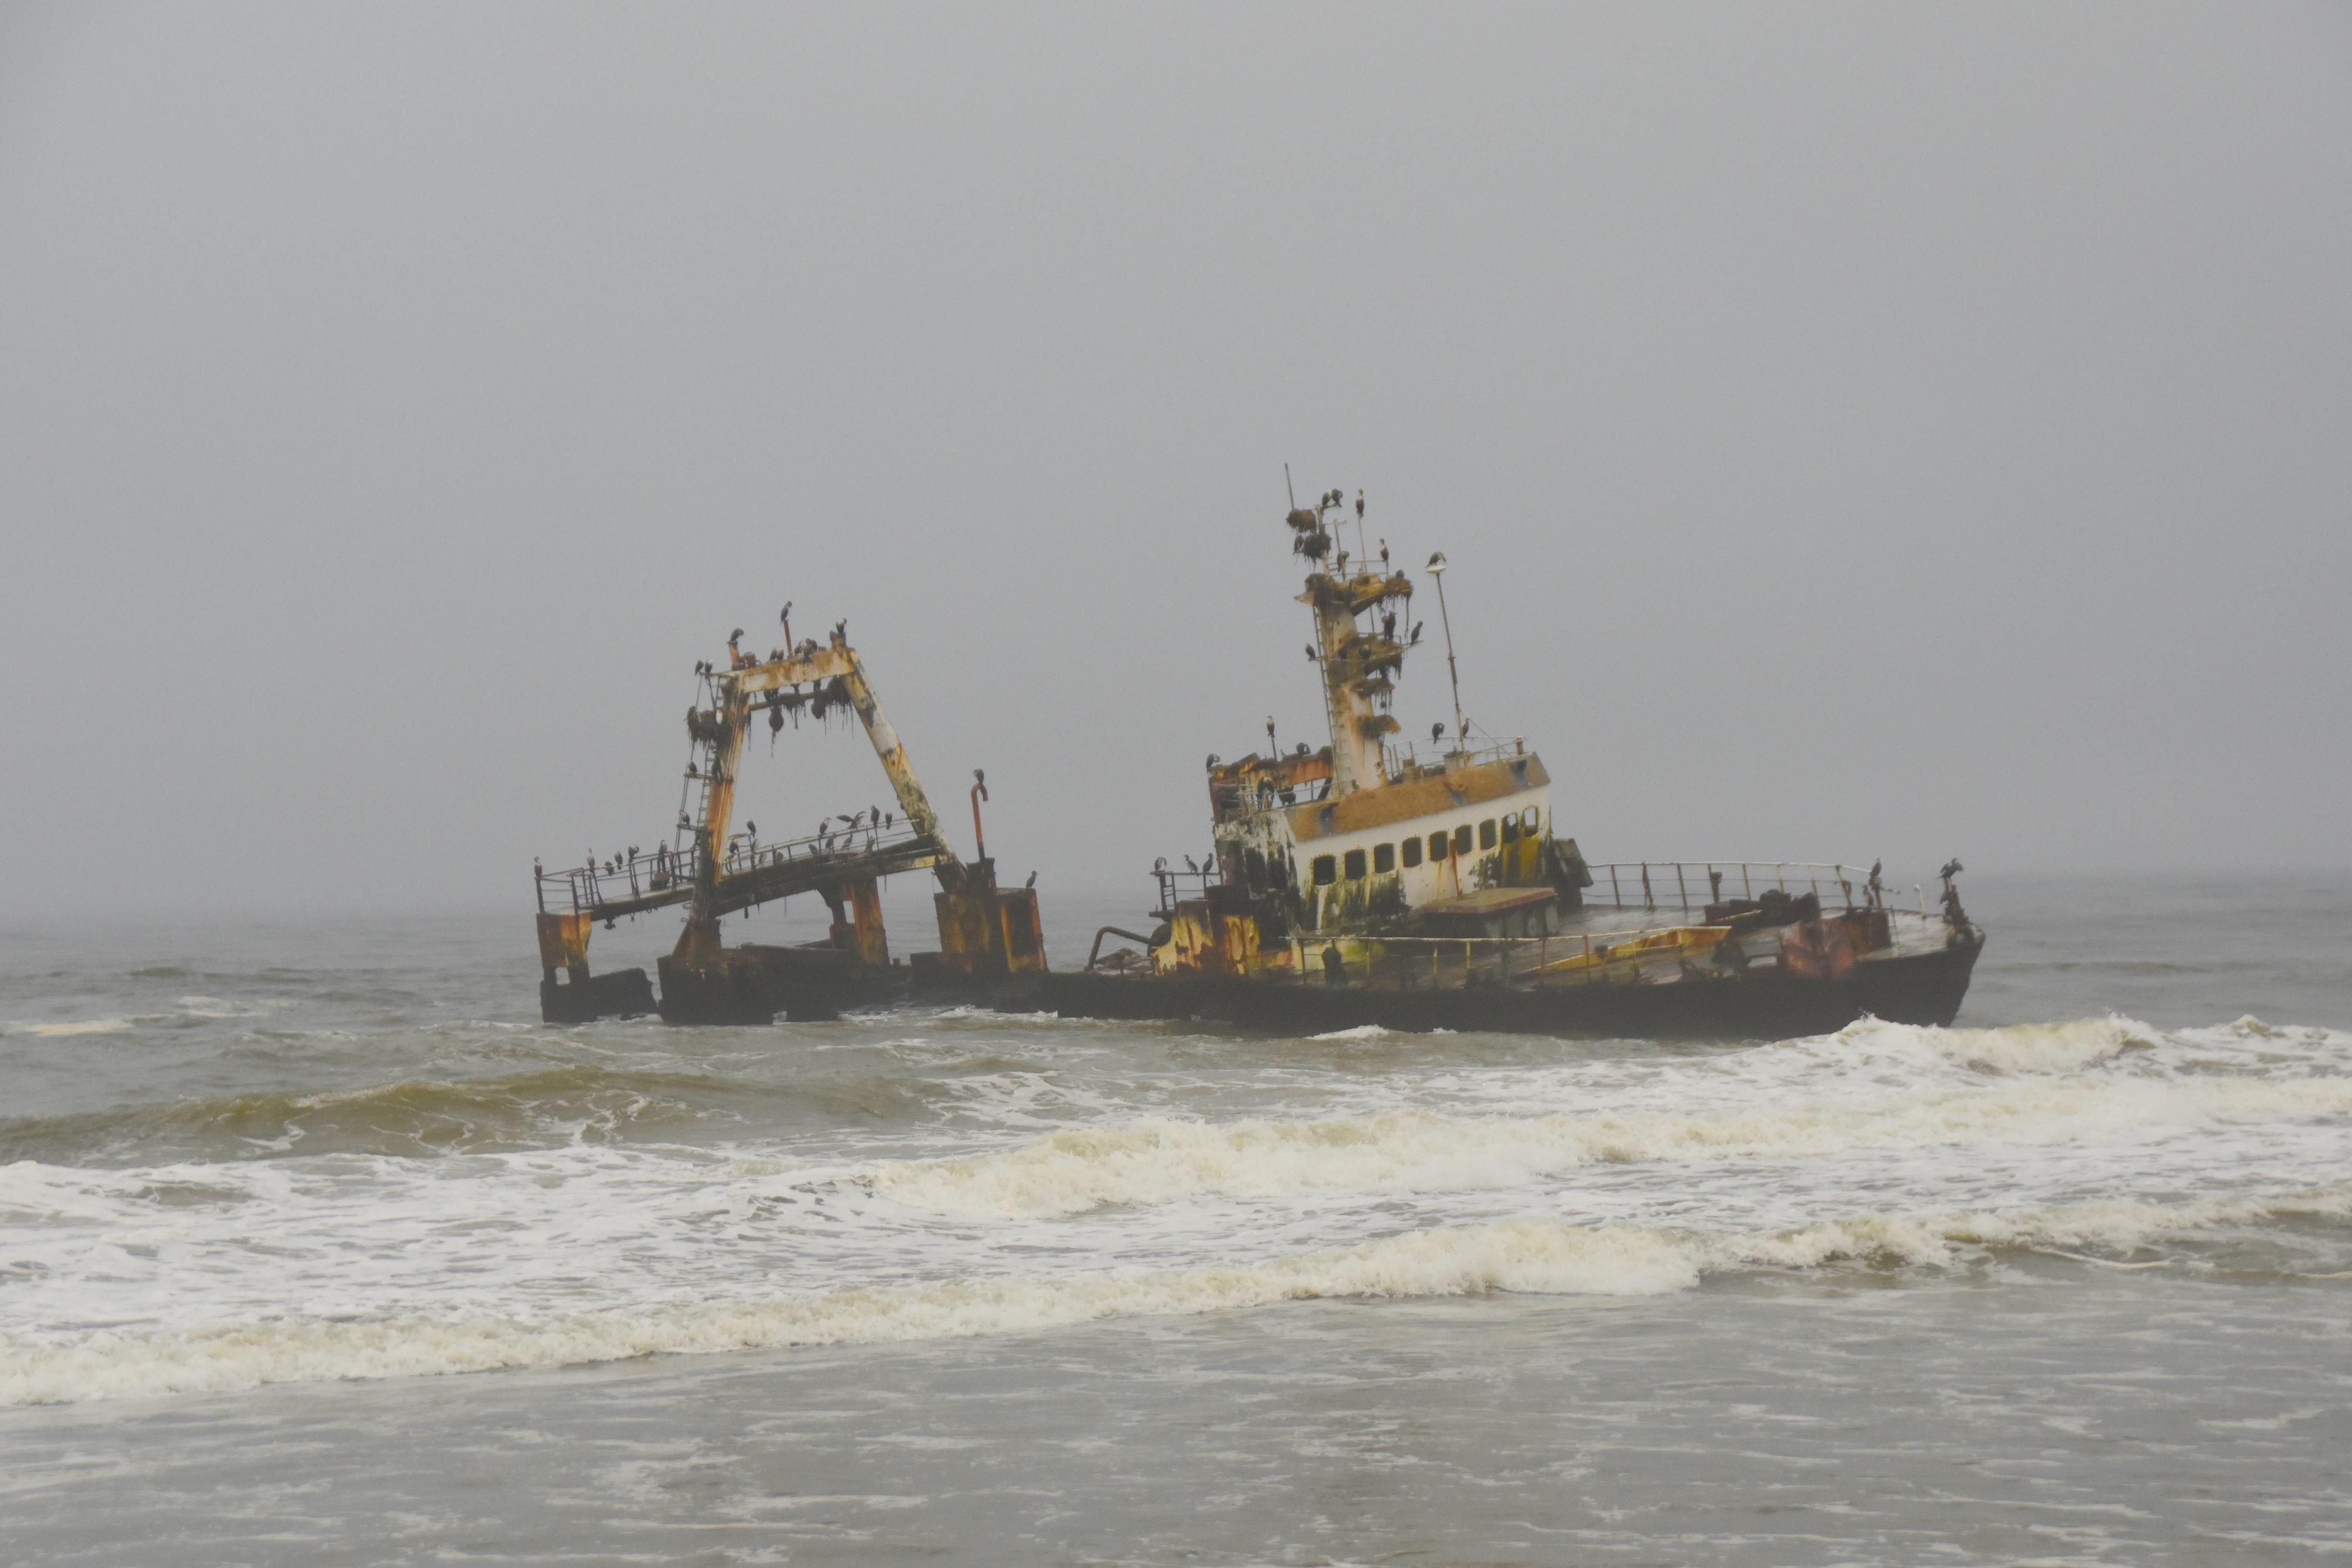 Wreck of the Zeila, Skeleton Coast